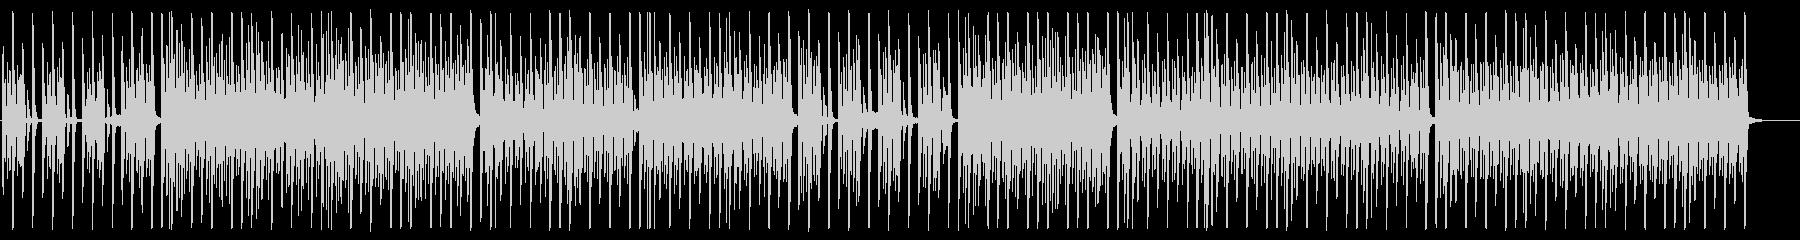 クールで無機質なEDM/シンセサイザーの未再生の波形